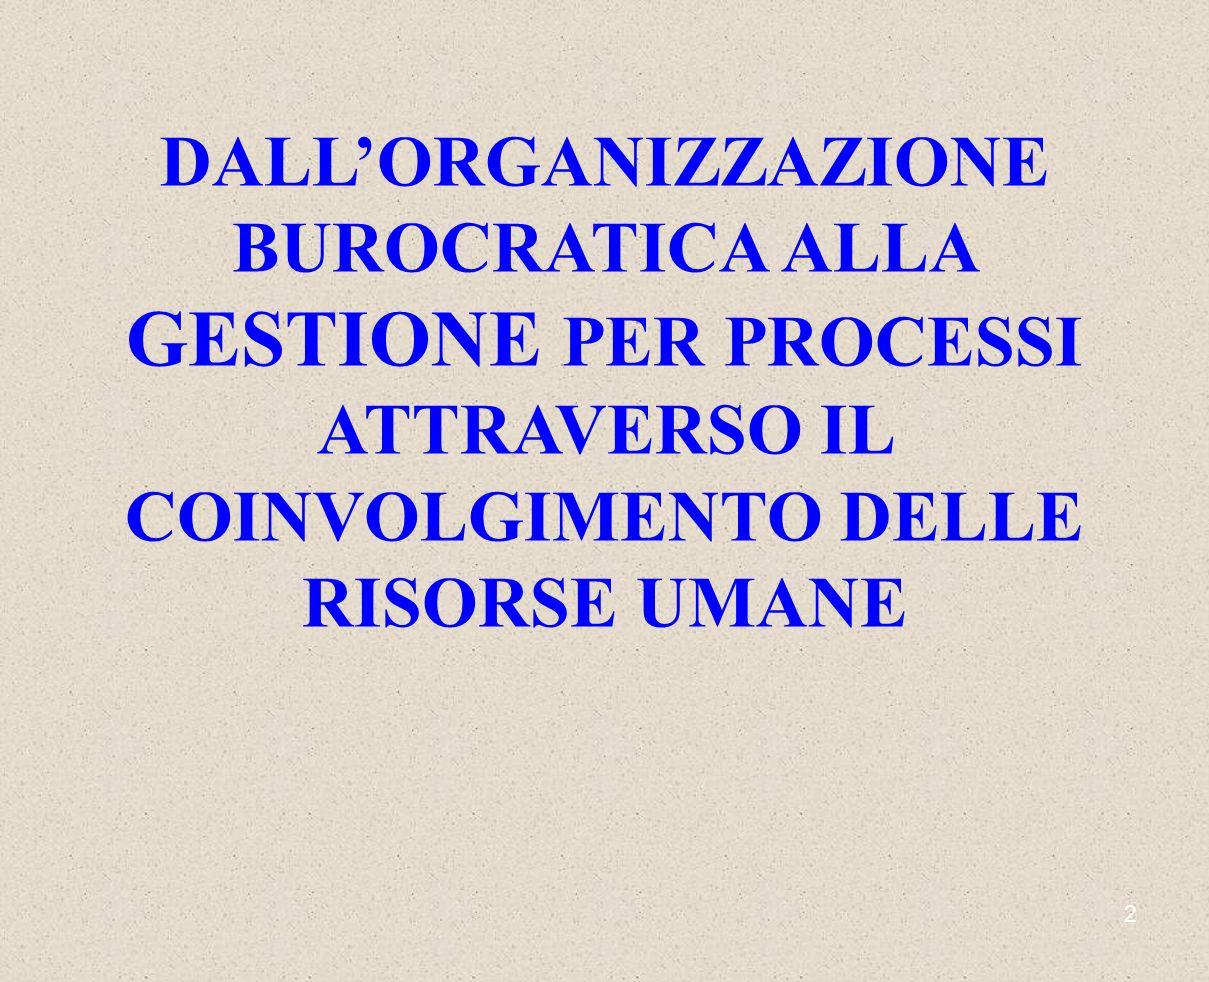 DALL'ORGANIZZAZIONE BUROCRATICA ALLA GESTIONE PER PROCESSI ATTRAVERSO IL COINVOLGIMENTO DELLE RISORSE UMANE